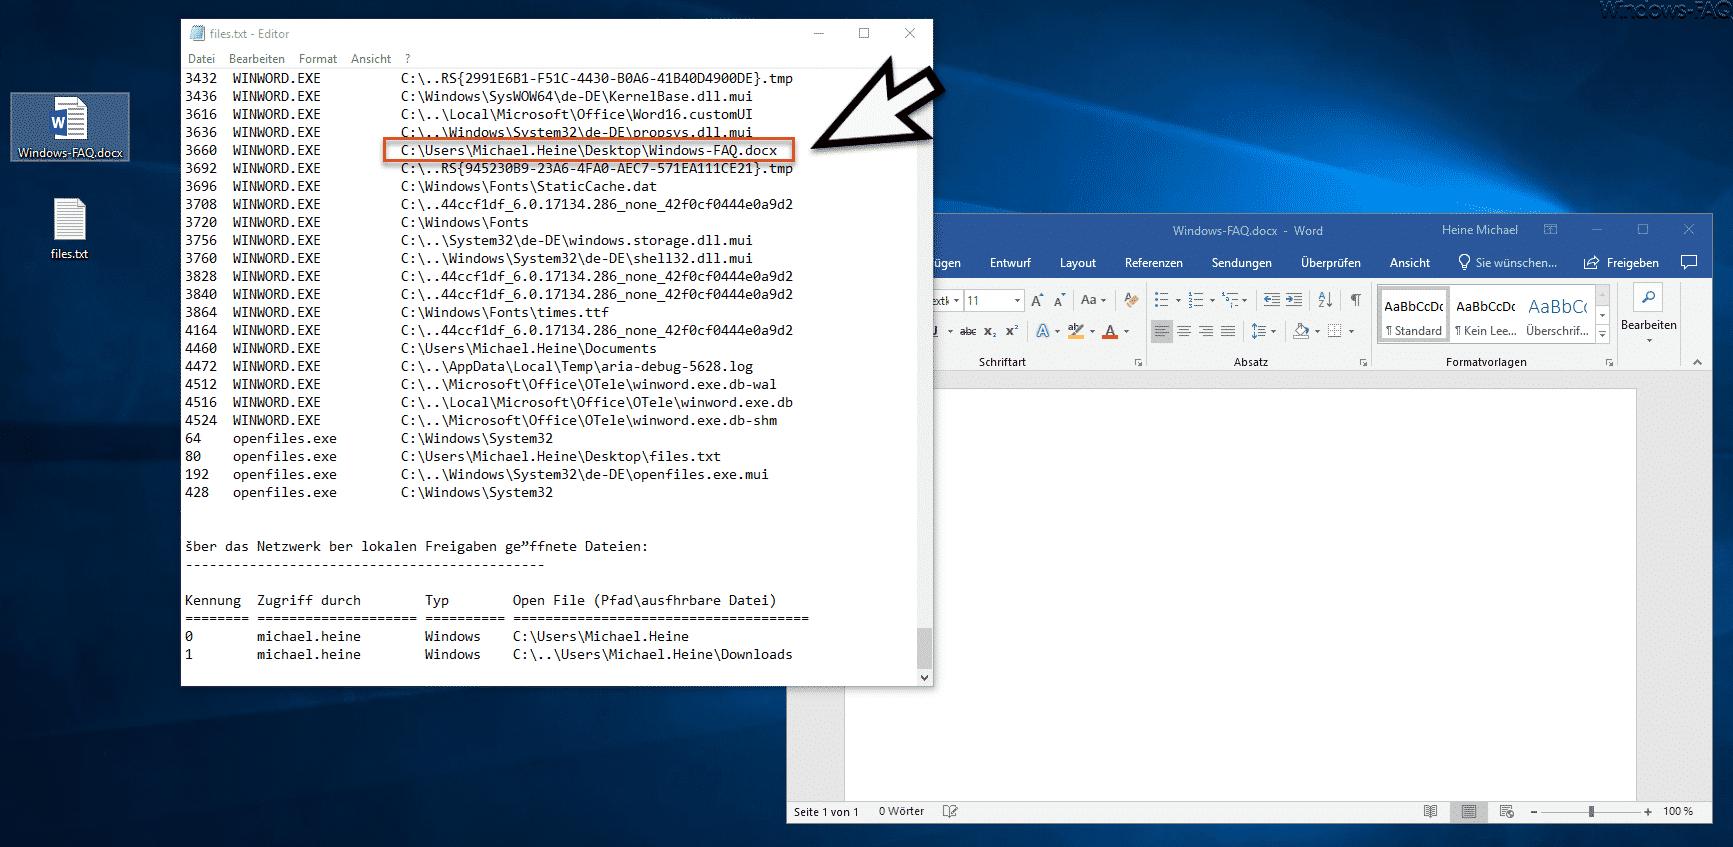 Geöffnete Dateien unter Windows